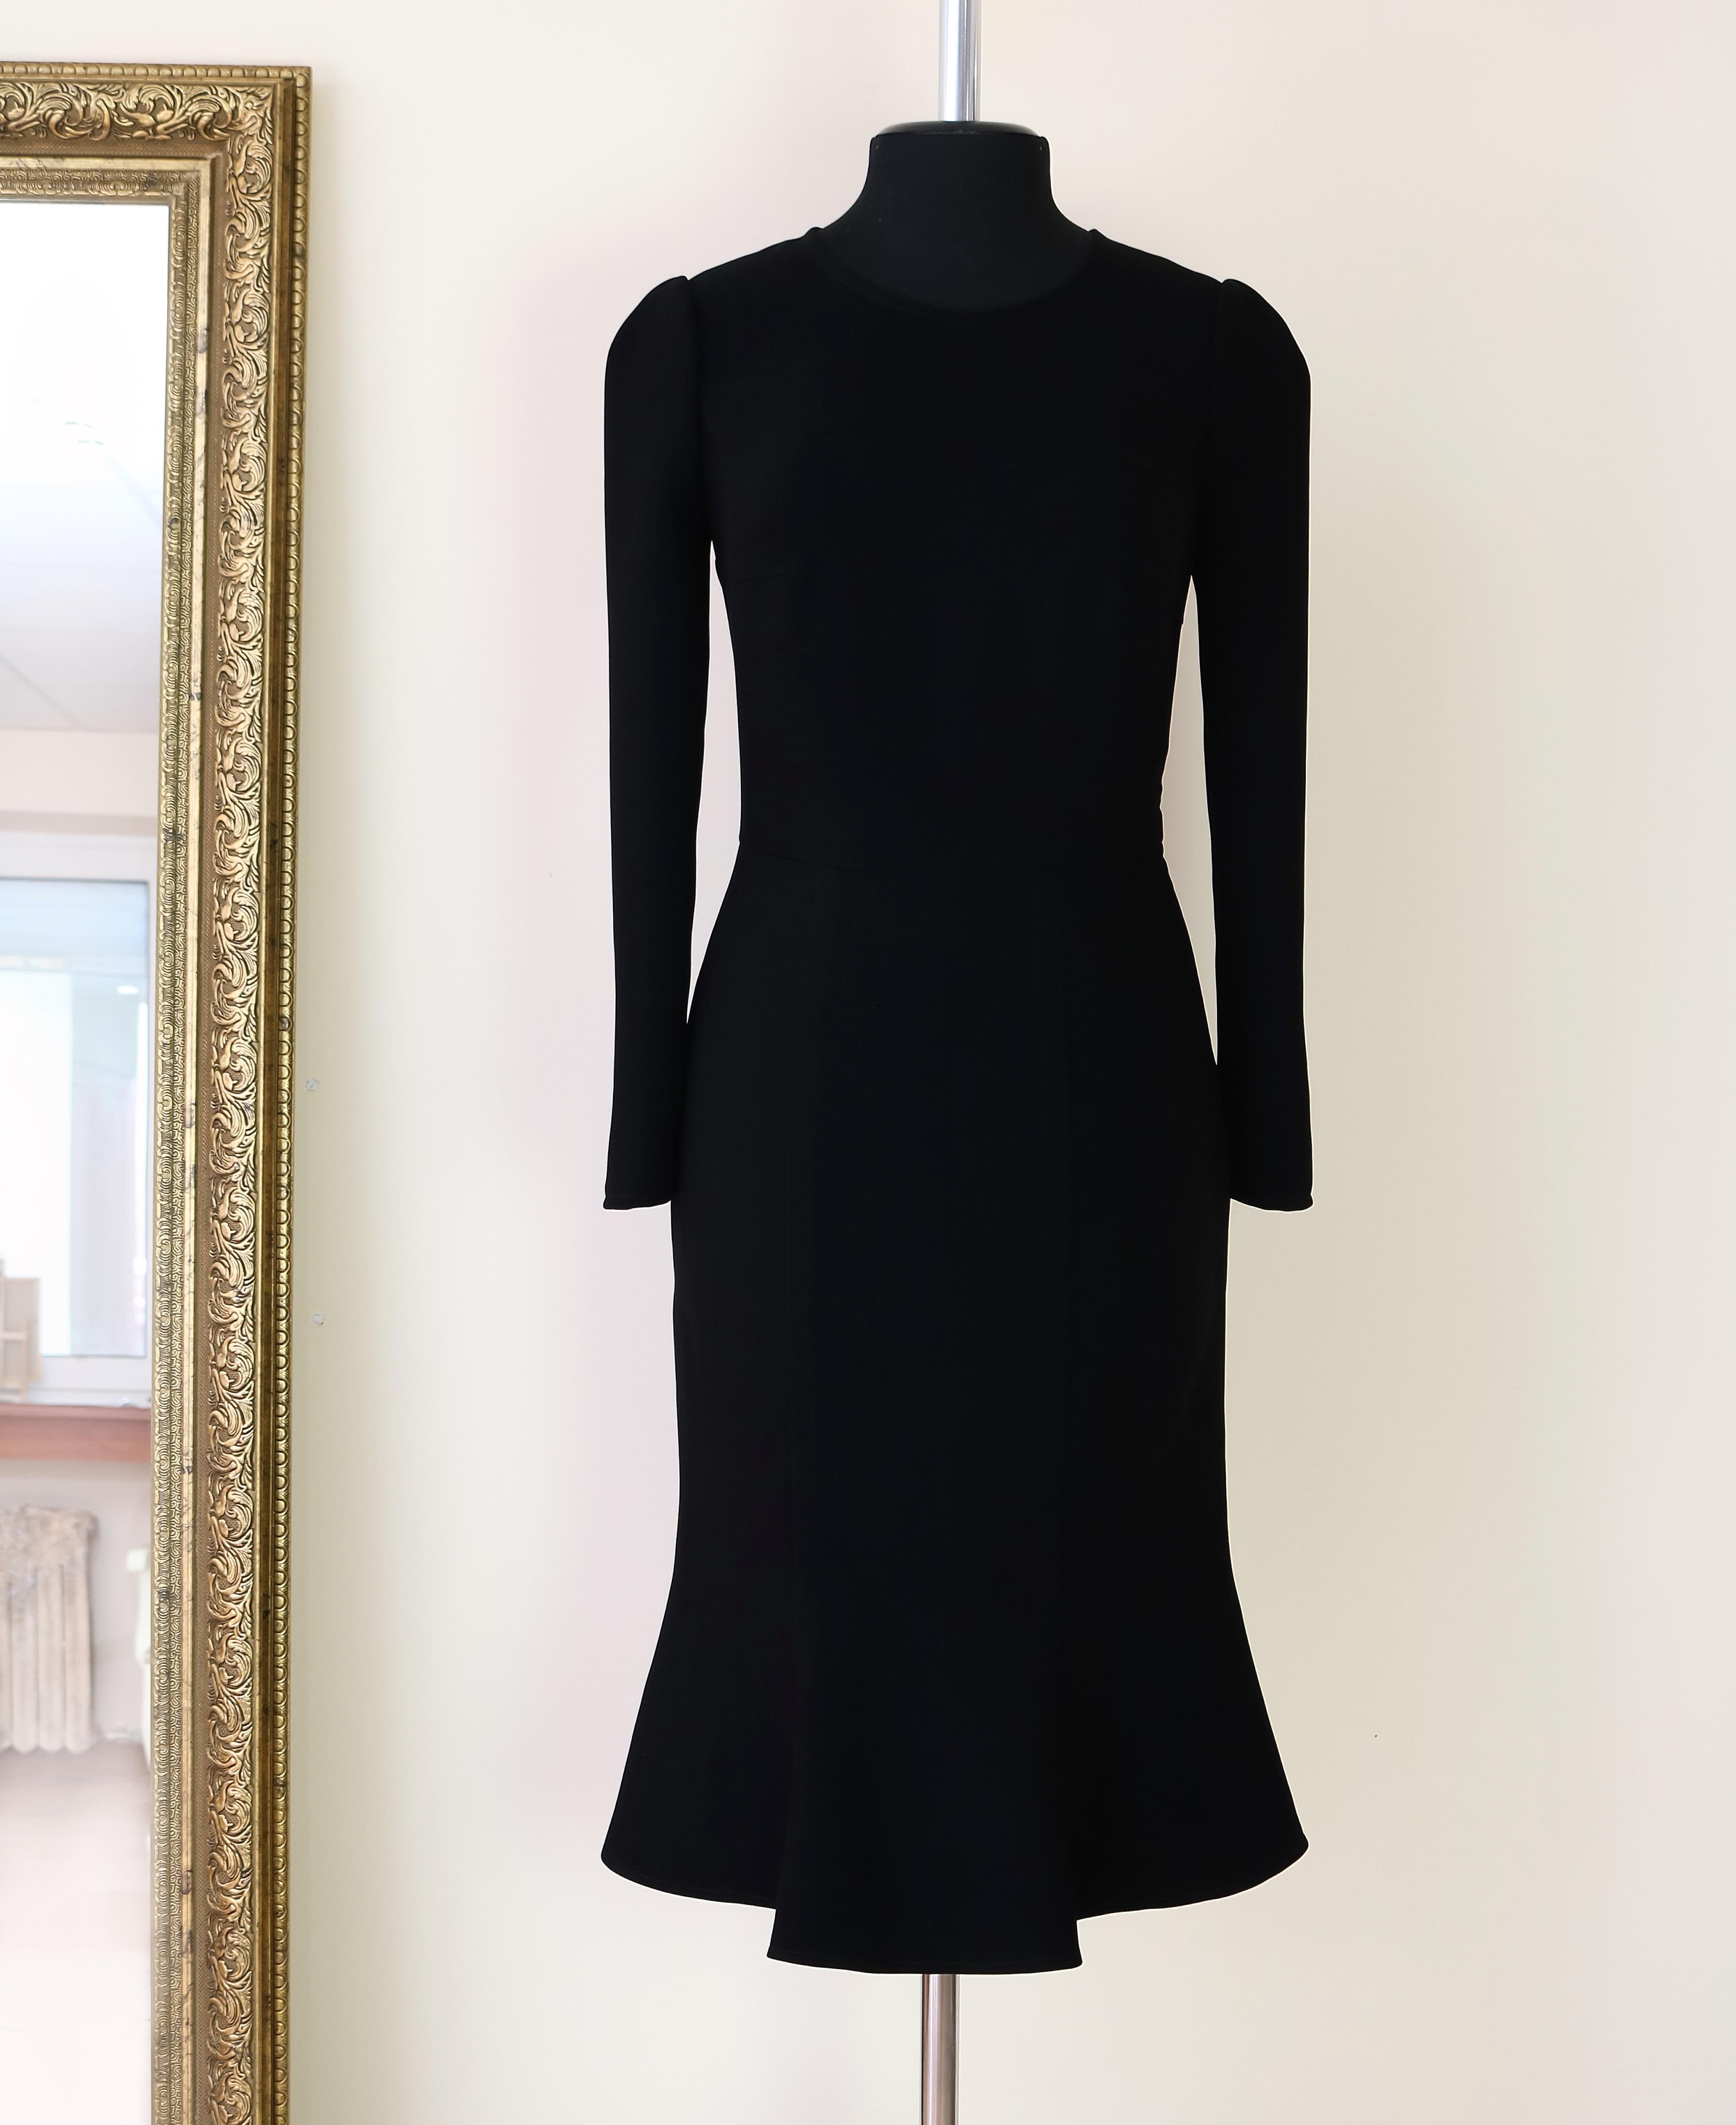 37e6fdbd7247 итальянский стиль, dolce vita, черное классическое платье, платье с юбкой  годе, юбка